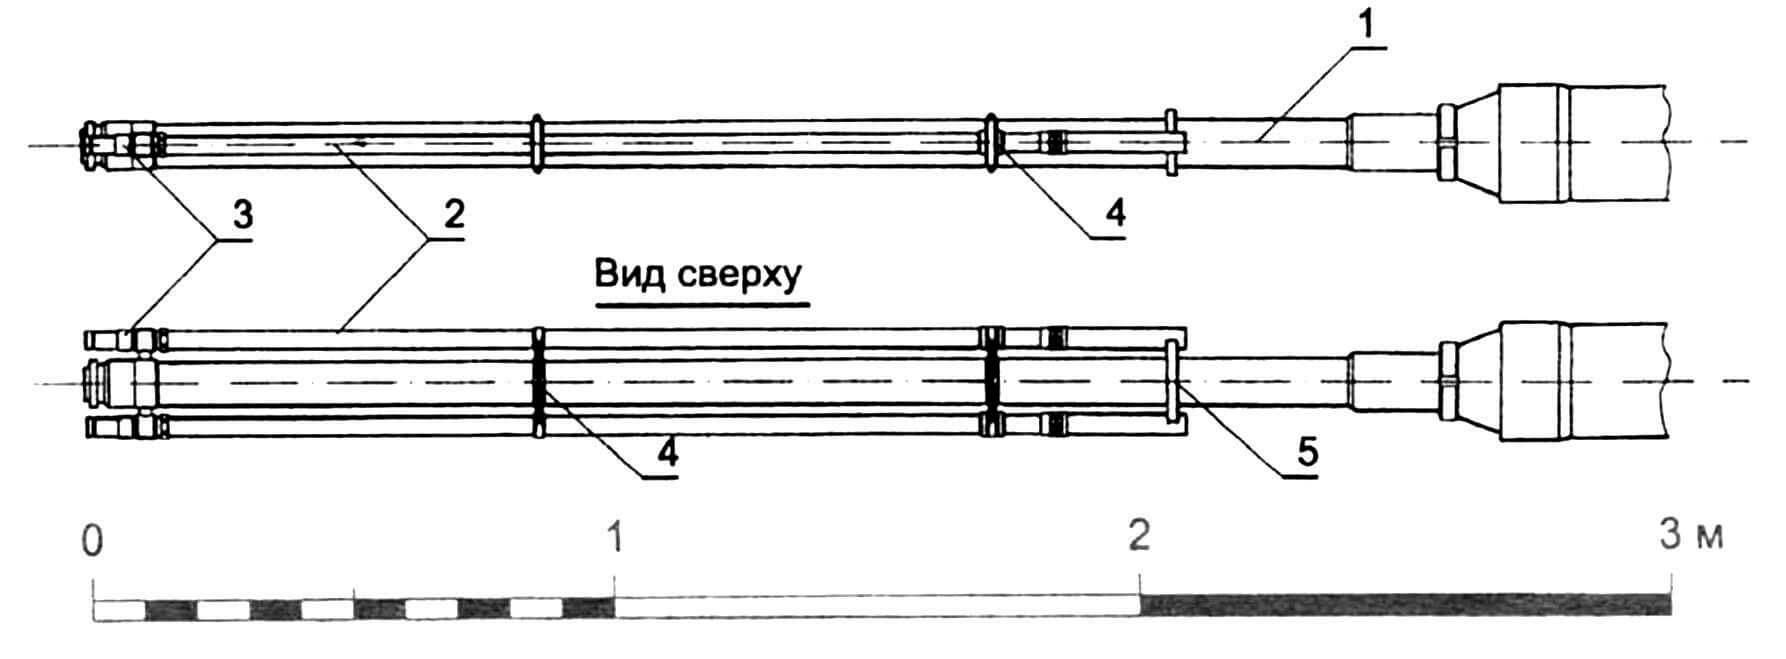 Ствол орудия: 1 — ствол; 2 — трубопроводы системы охлаждения; 3 — фитинги присоединительные; 4 — хомуты крепления трубопроводов; 5 — кронштейны крепления трубопроводов.